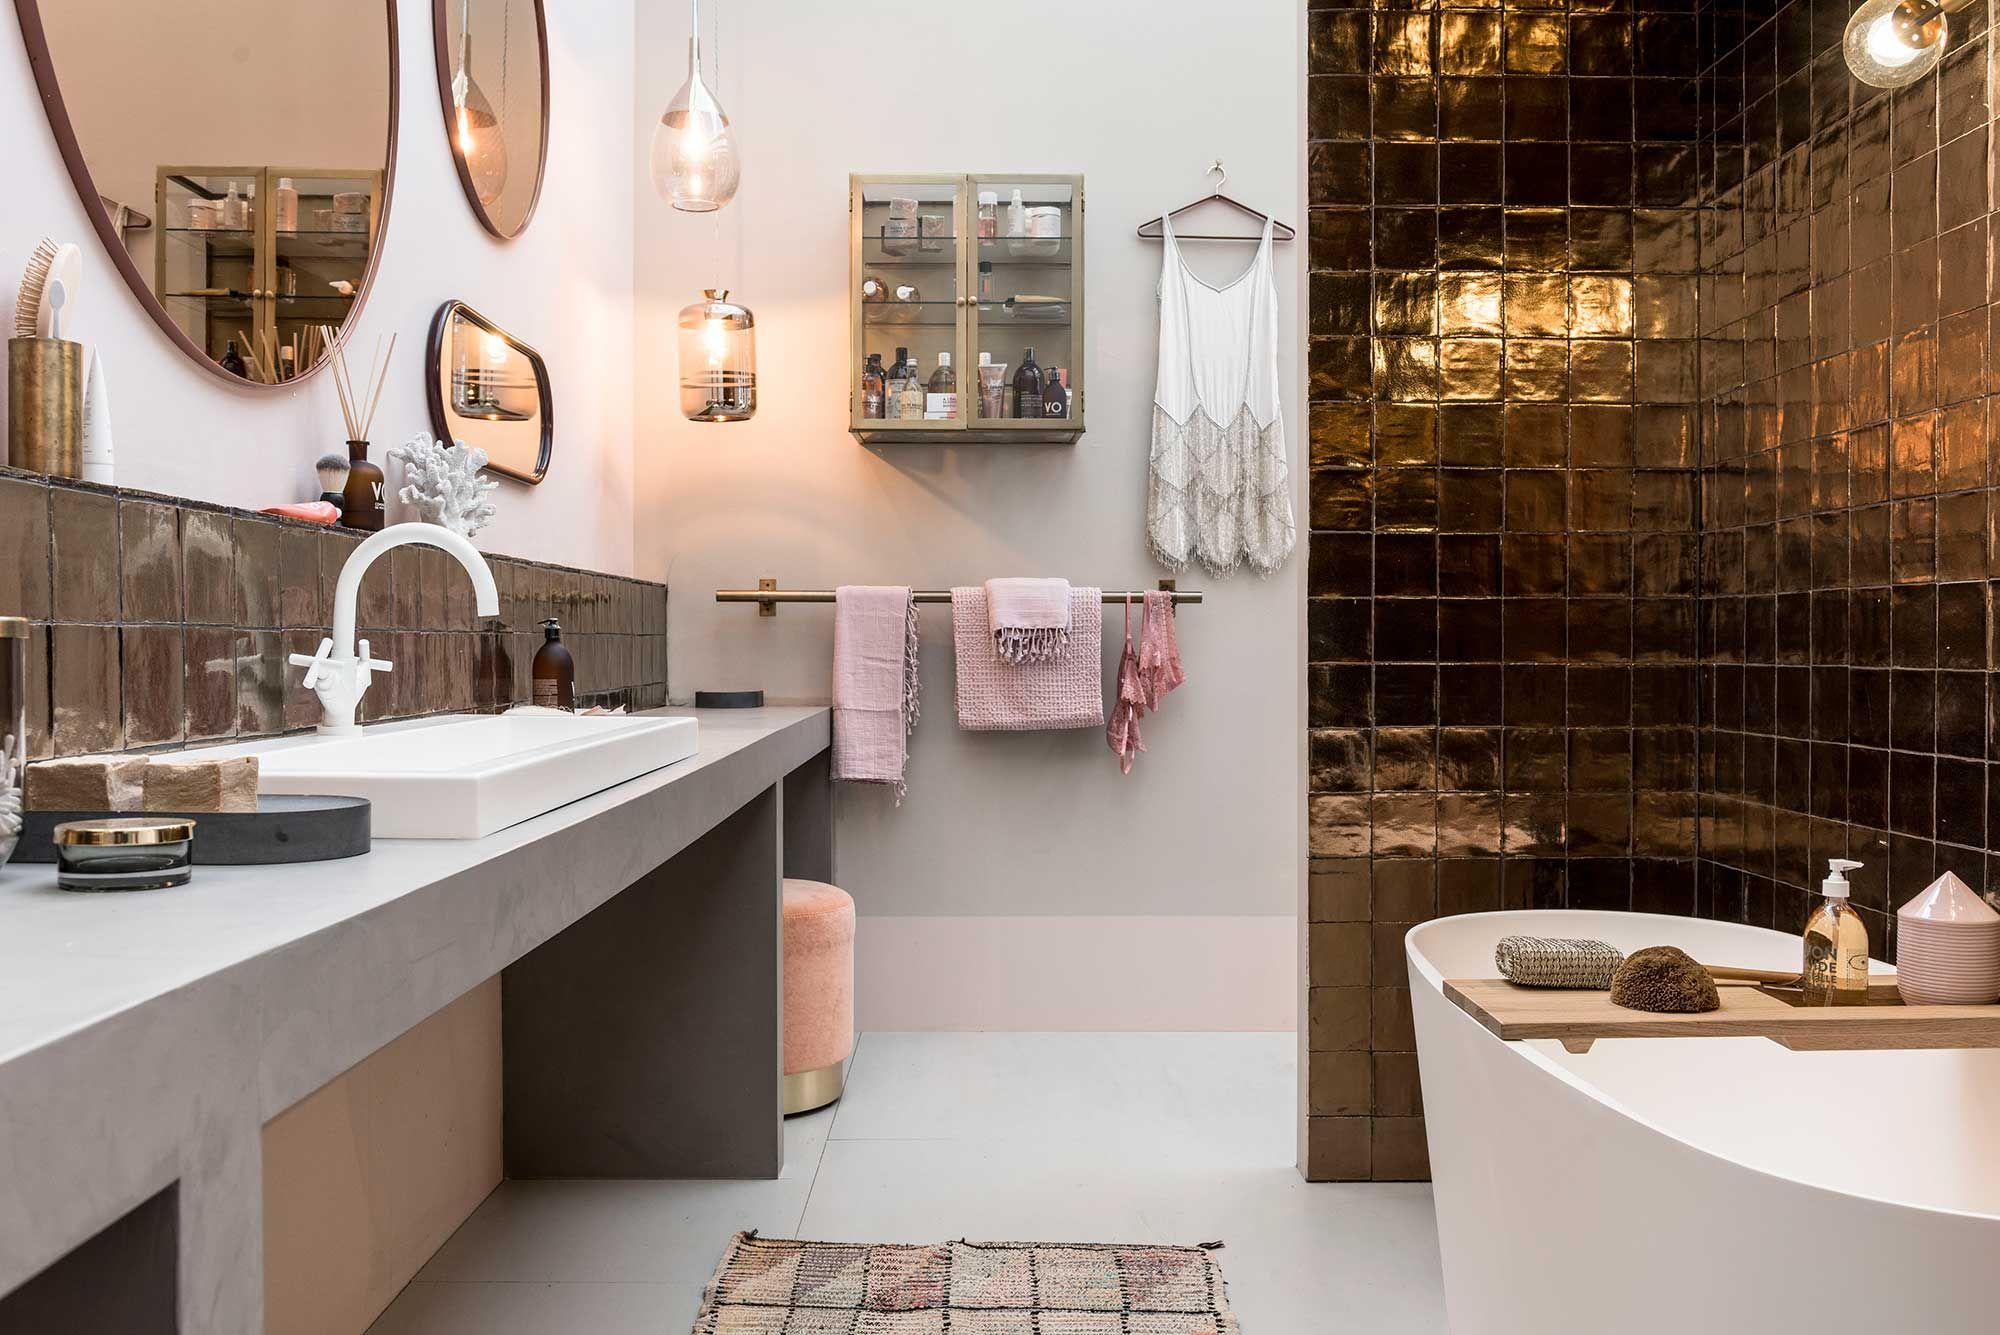 VT Wonen  Design beurs 2017  wandtegel Villa Dark Gold